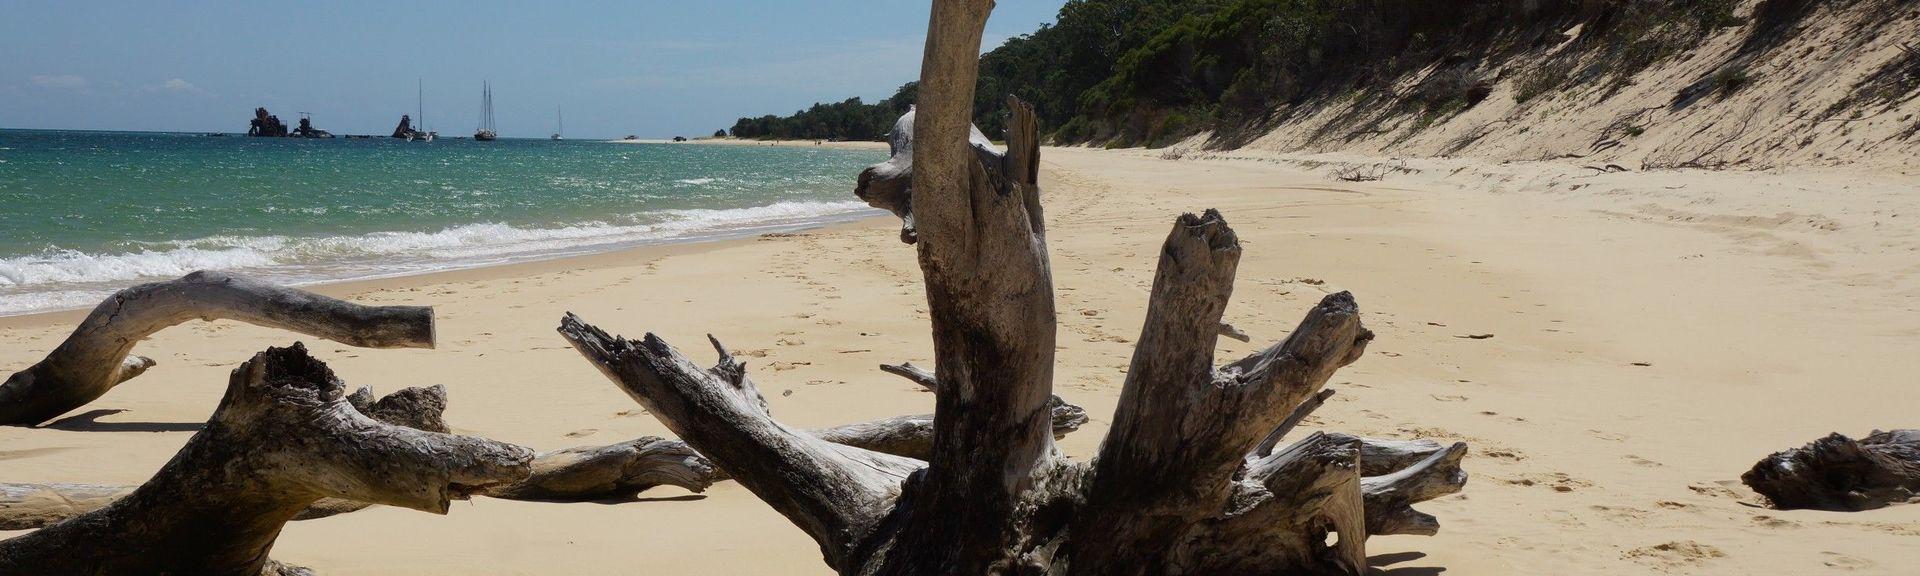 Tangalooma QLD, Australia